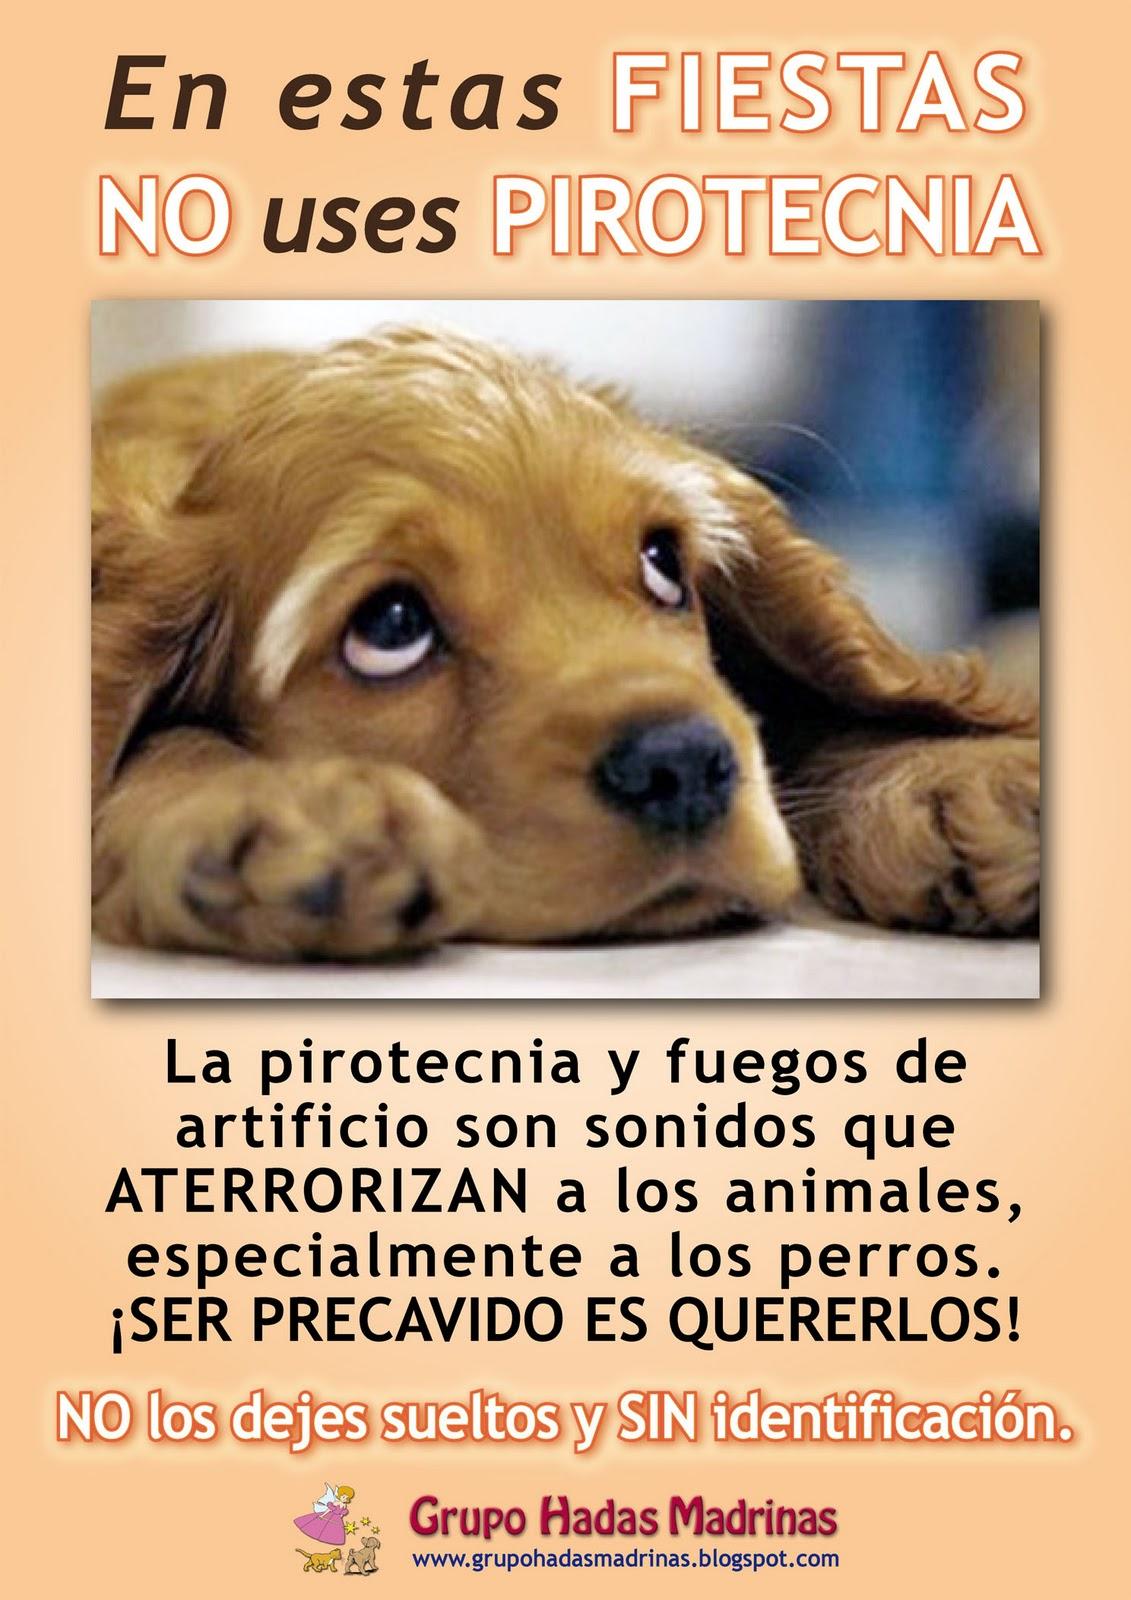 Perros que sufren por la pirotecnia...